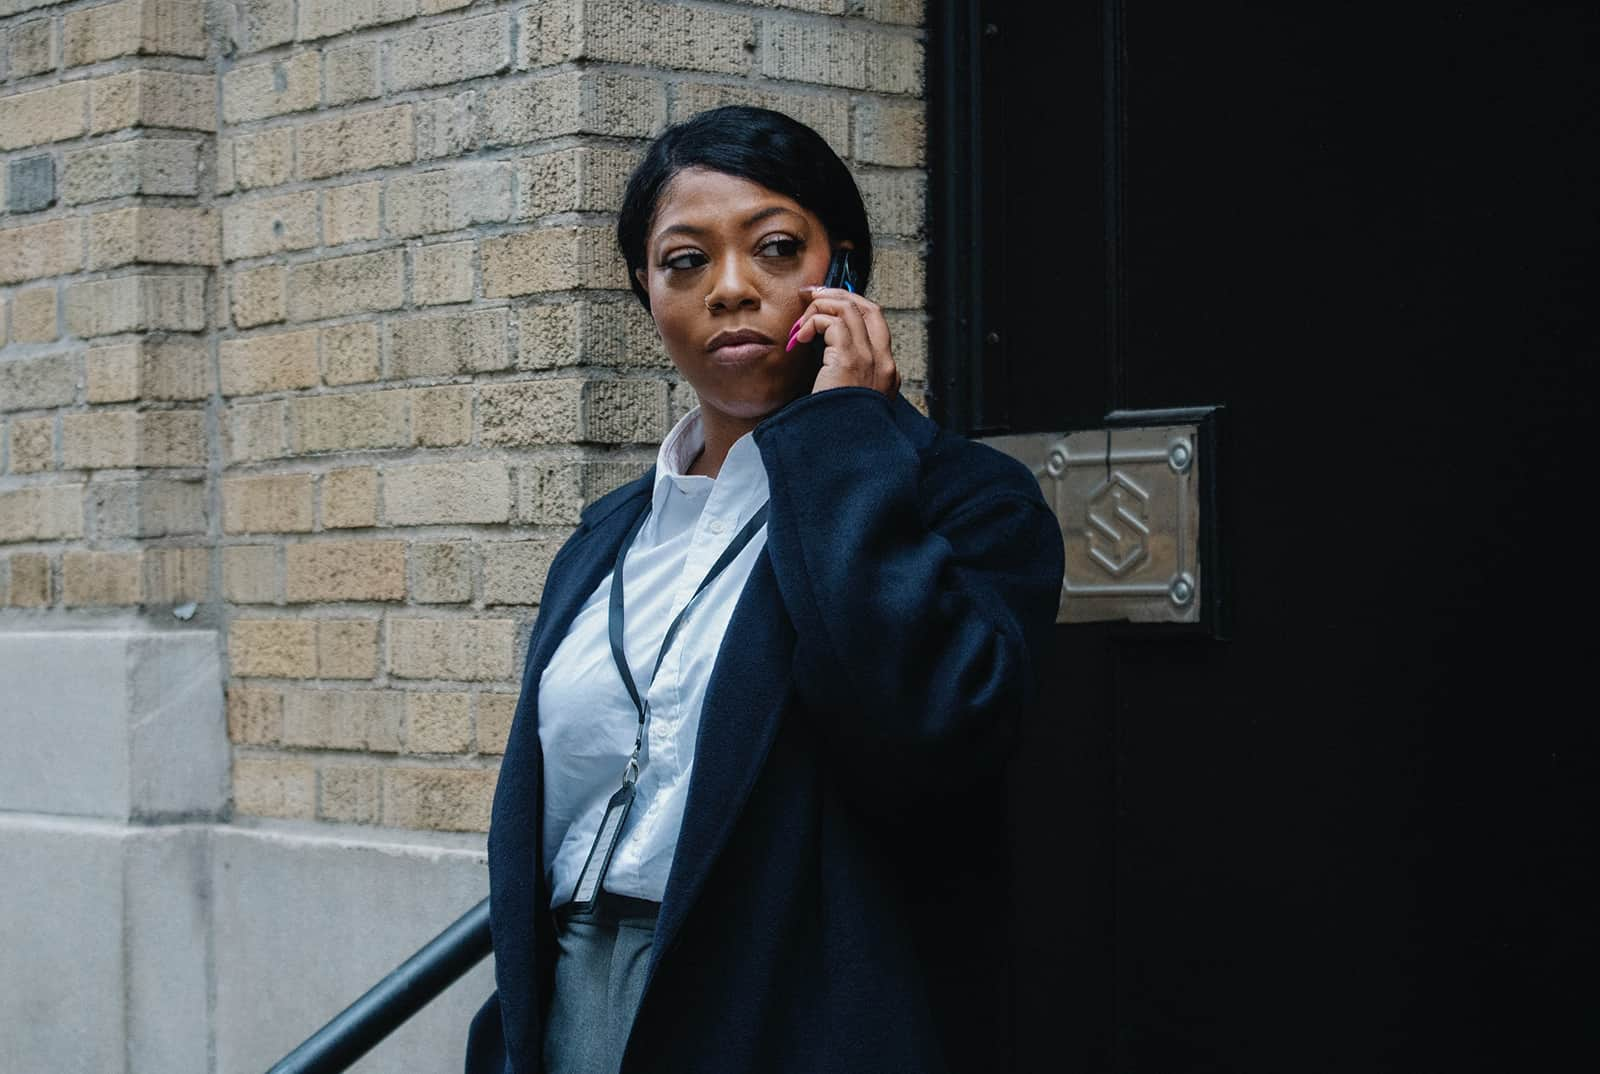 eine verärgerte Frau, die am Telefon spricht, während sie in der Nähe der Tür steht